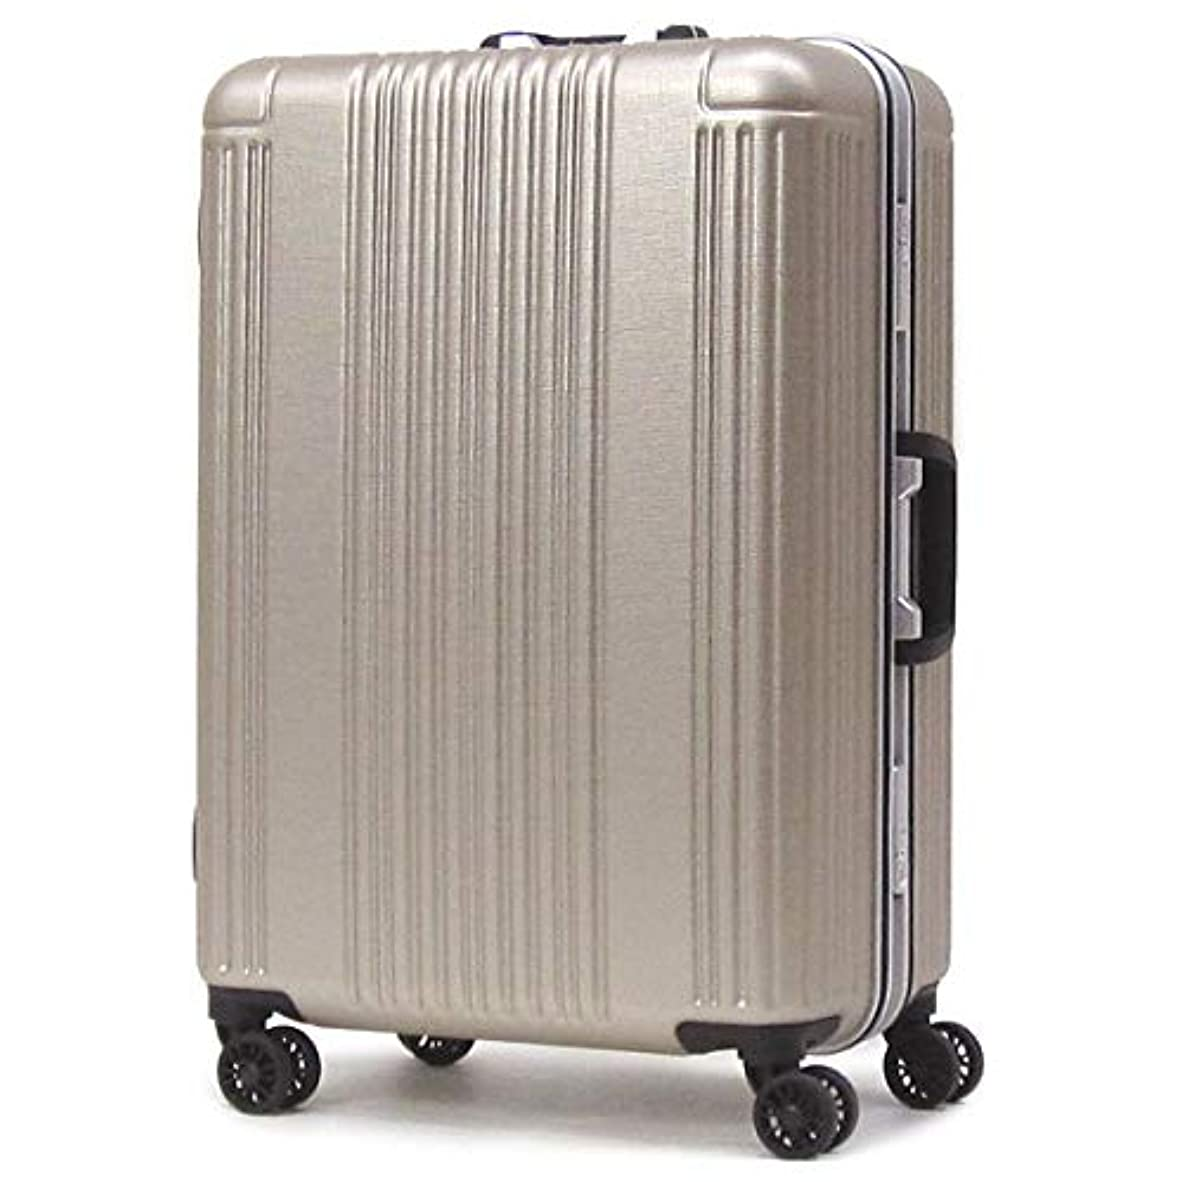 ますます何でもビーム[シフレ] スーツケース キャリーバッグ 軽量丈夫 ハードフレーム 90L 5.5kg 4-7泊 SIF1065-66